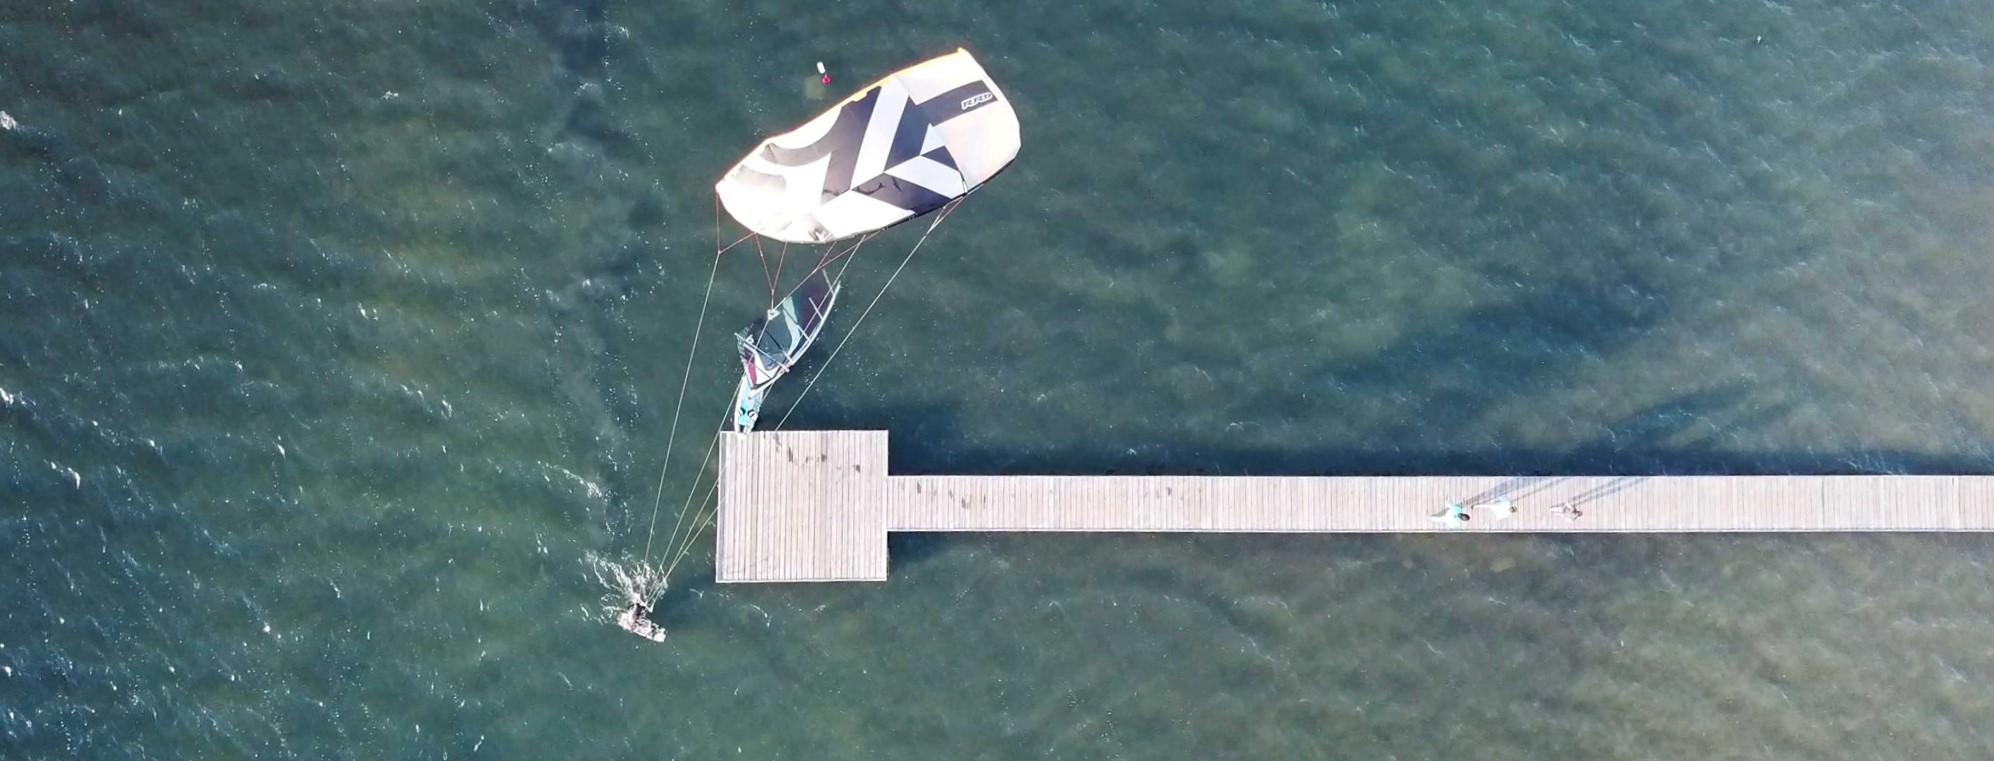 best spot to learn kitesurfing, nauka kitesurfingu na sycylii, kitesurf sicily, sicily kite trip, where to learn kitesurfing